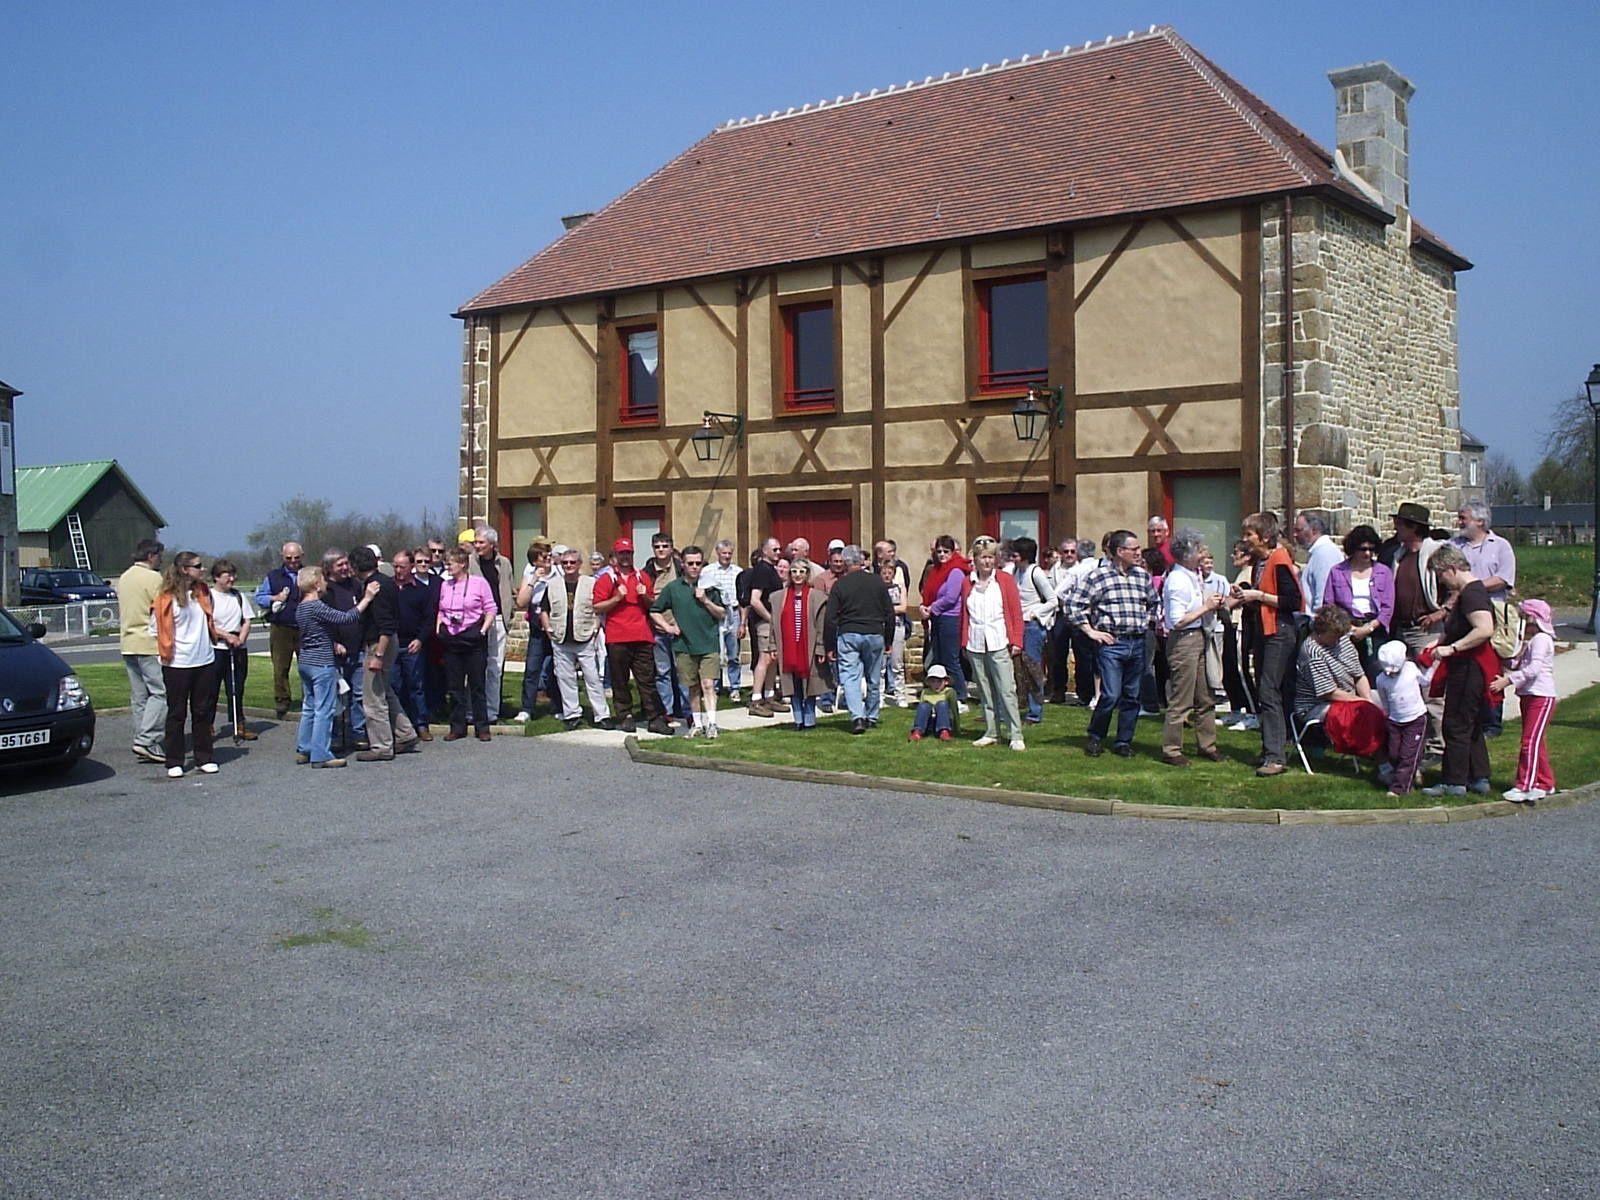 photos : x, chemin en 2006 : 1- départ mairie / 2- pèlerins / 3- claude vercey.